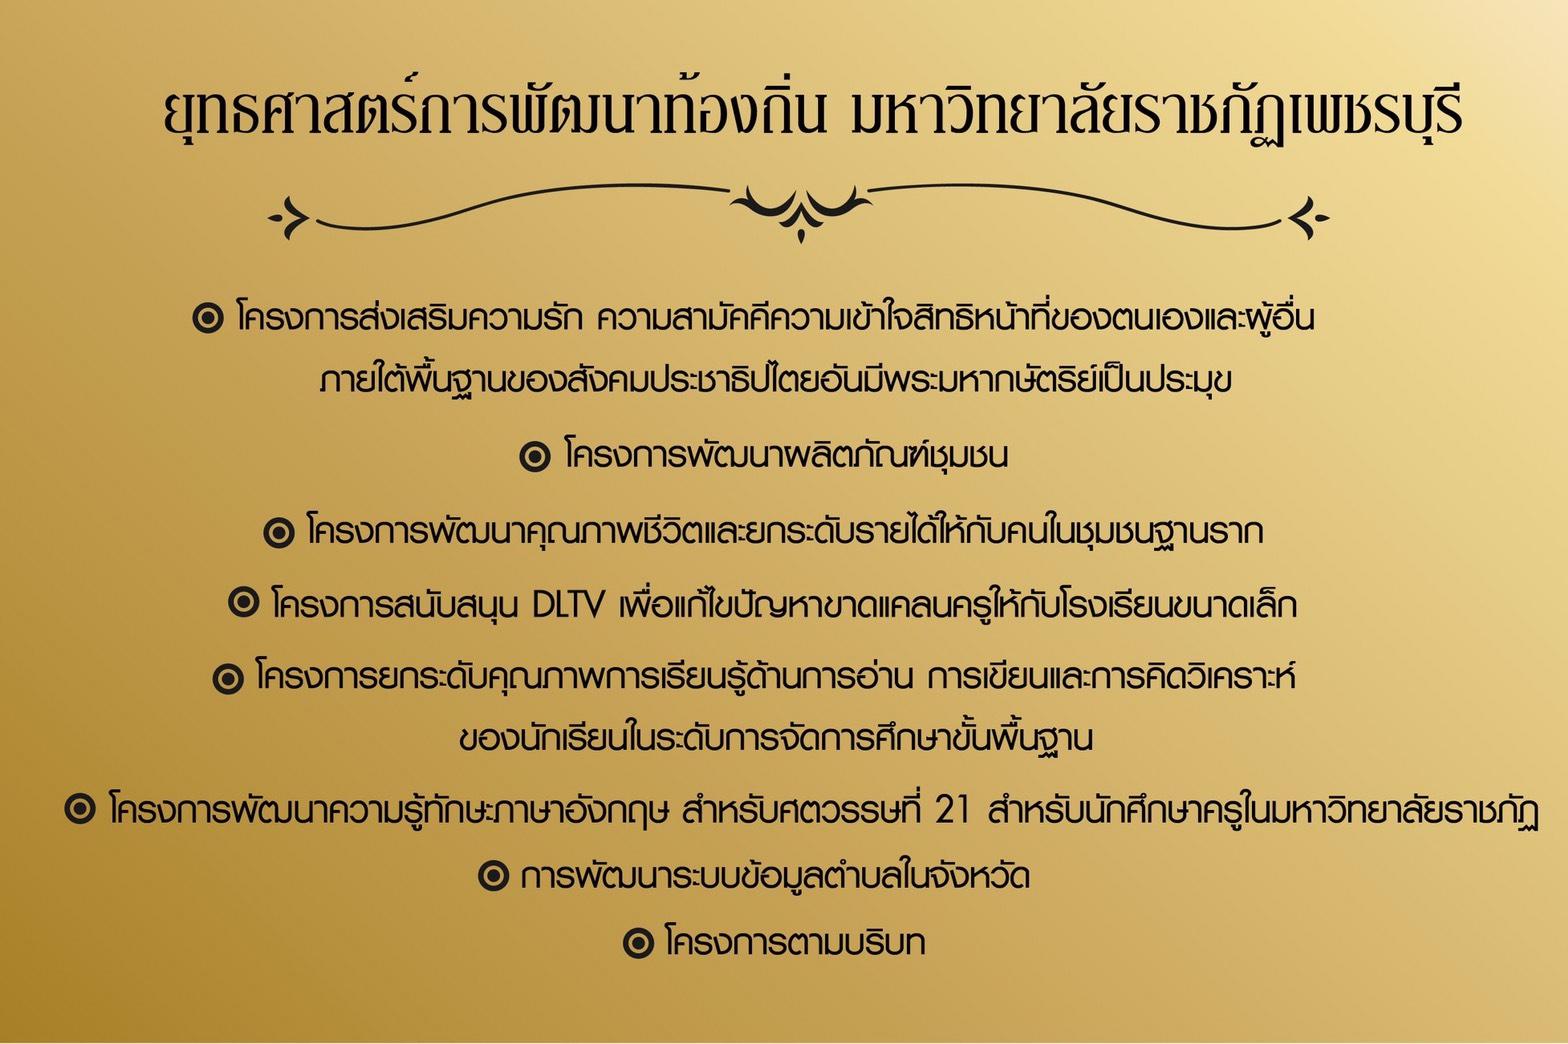 ยุทธศาสตร์การพัฒนาท้องถิ่น มหาวิทยาลัยราชภัฏเพชรบุรี